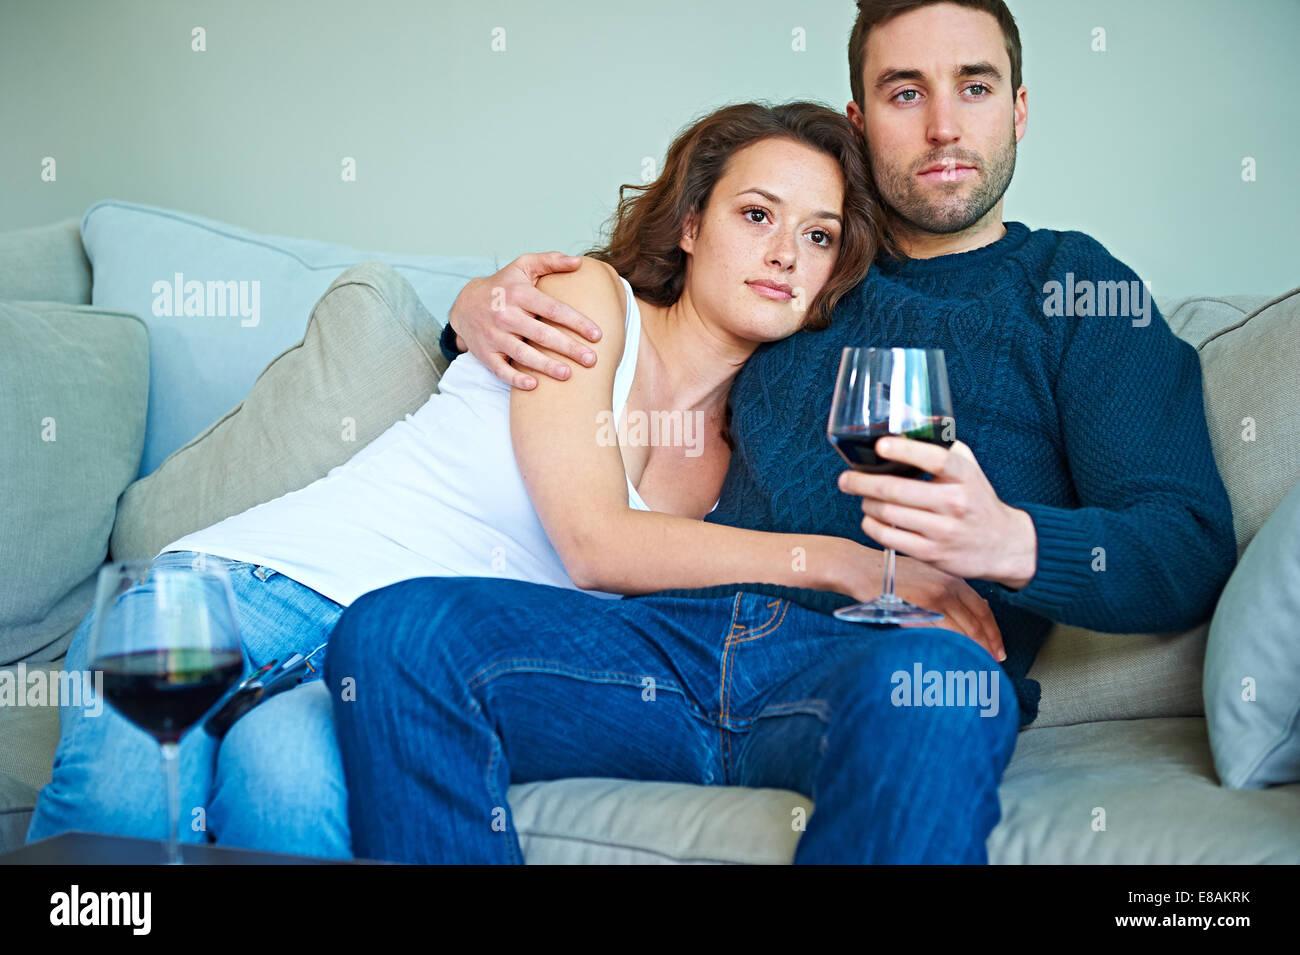 Paar genießen Wein auf sofa Stockbild